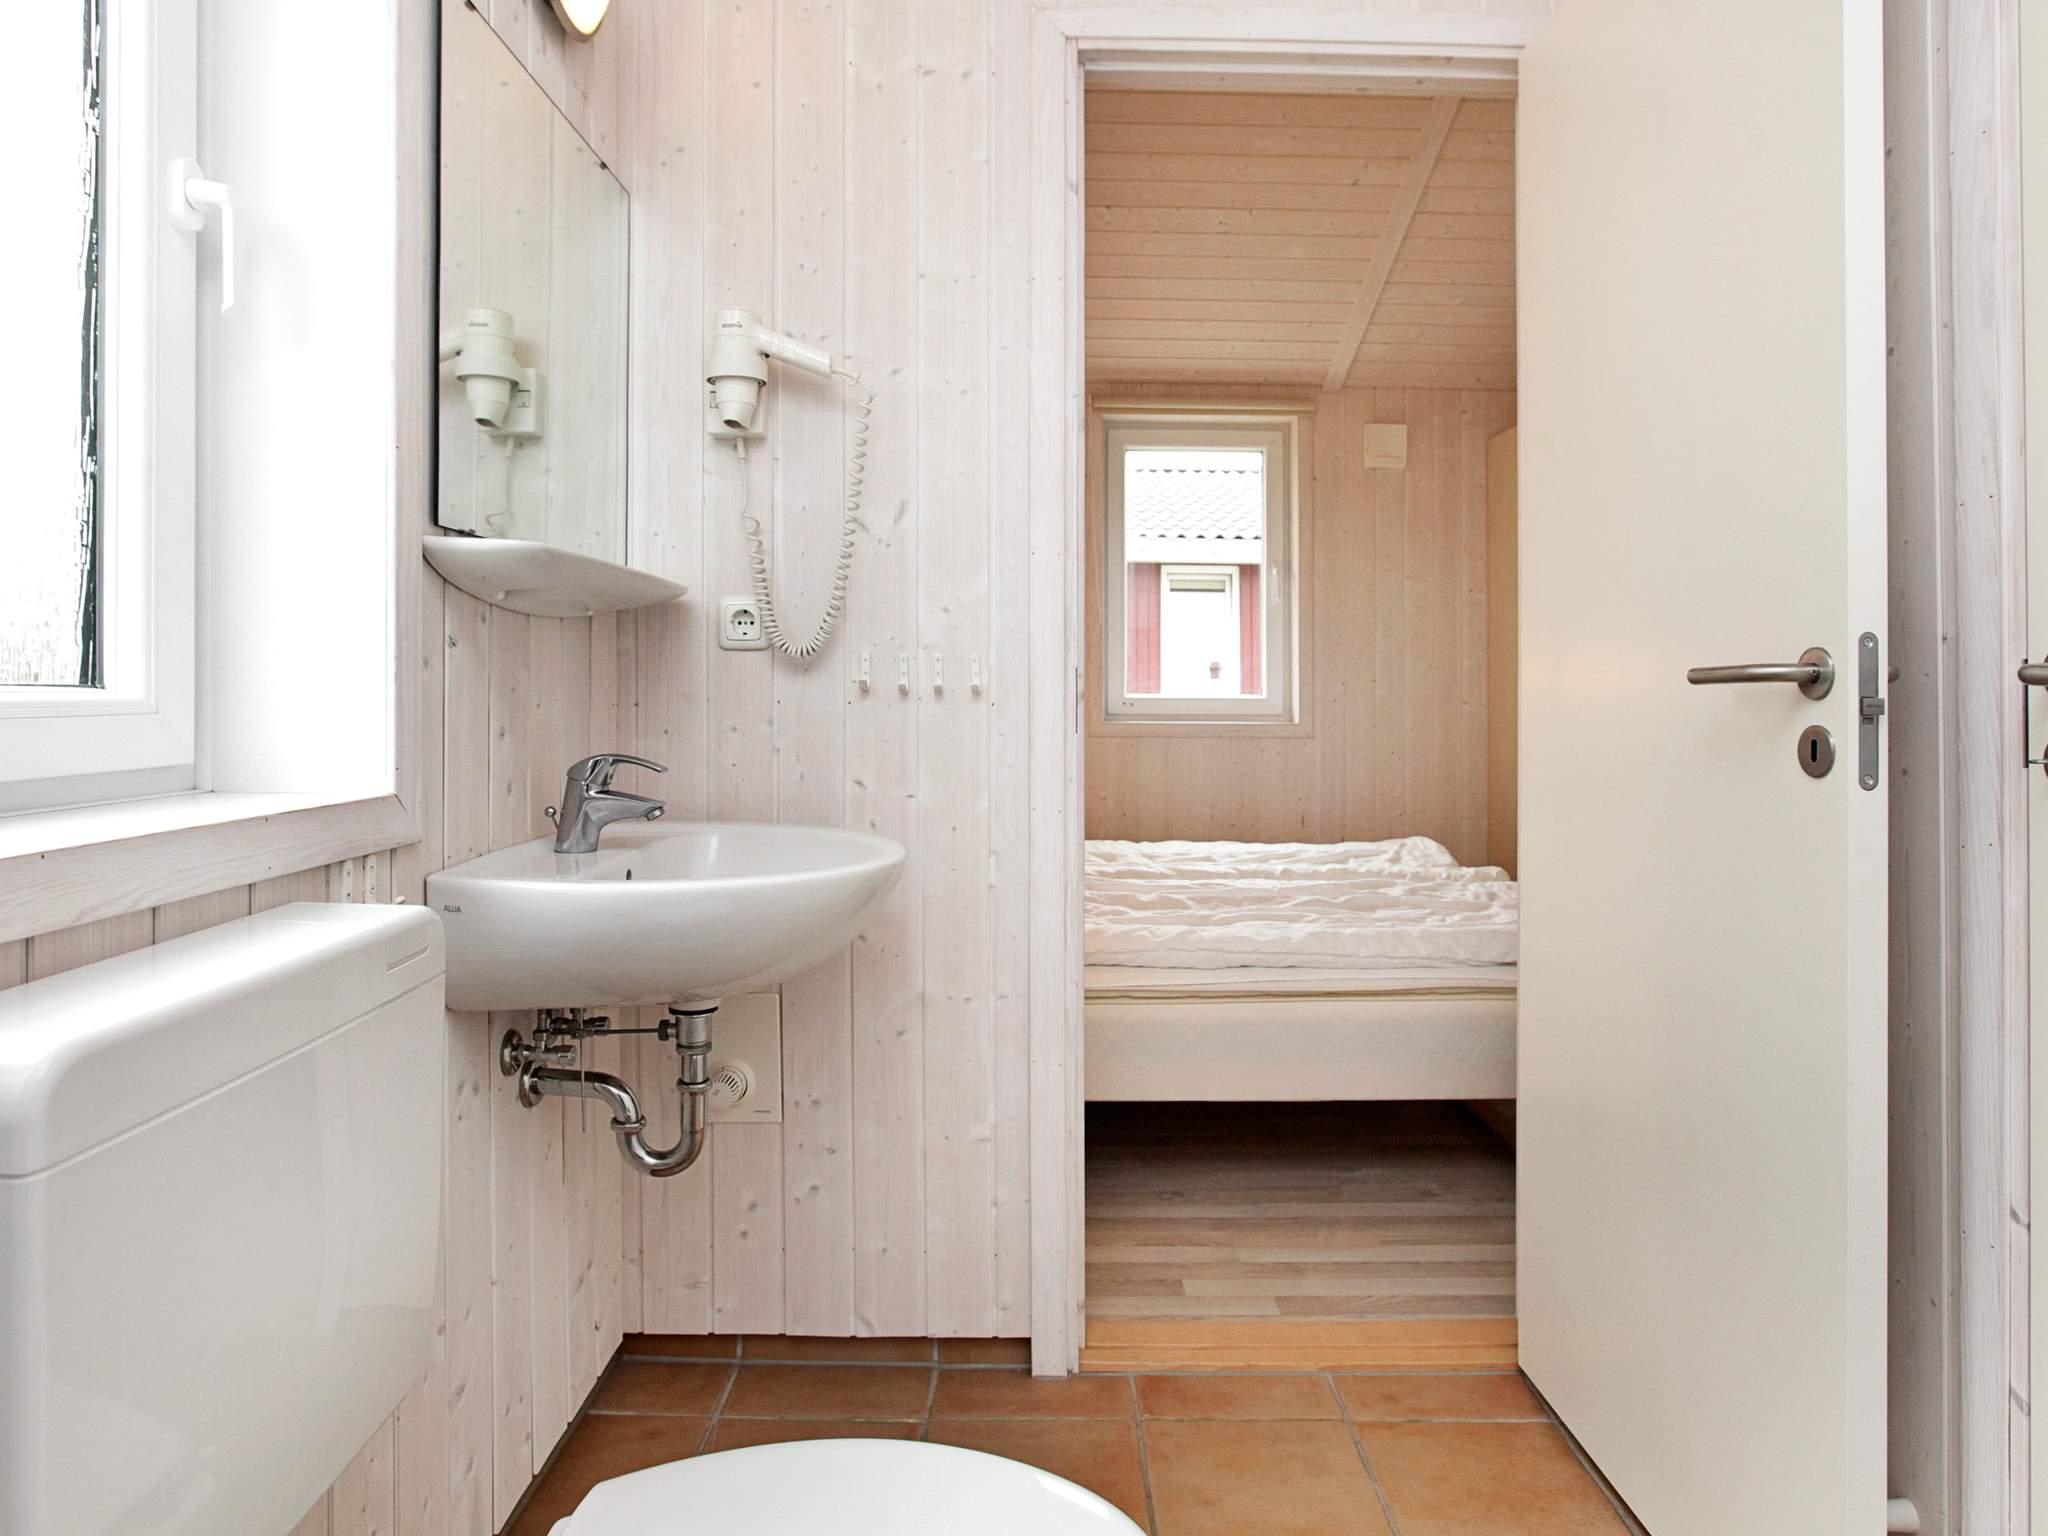 Maison de vacances Grömitz (433403), Grömitz, Baie de Lübeck, Schleswig-Holstein, Allemagne, image 11